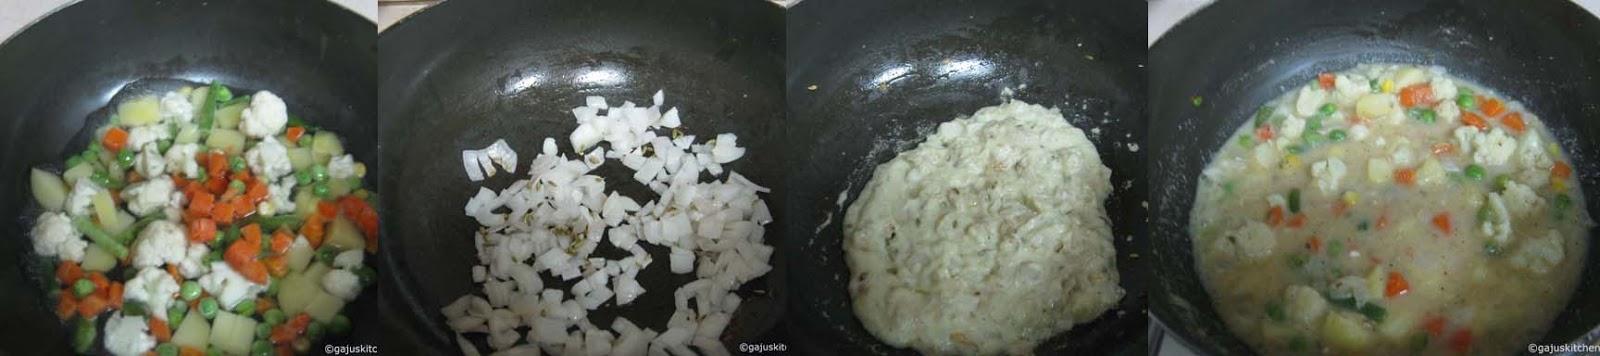 kurma preparation